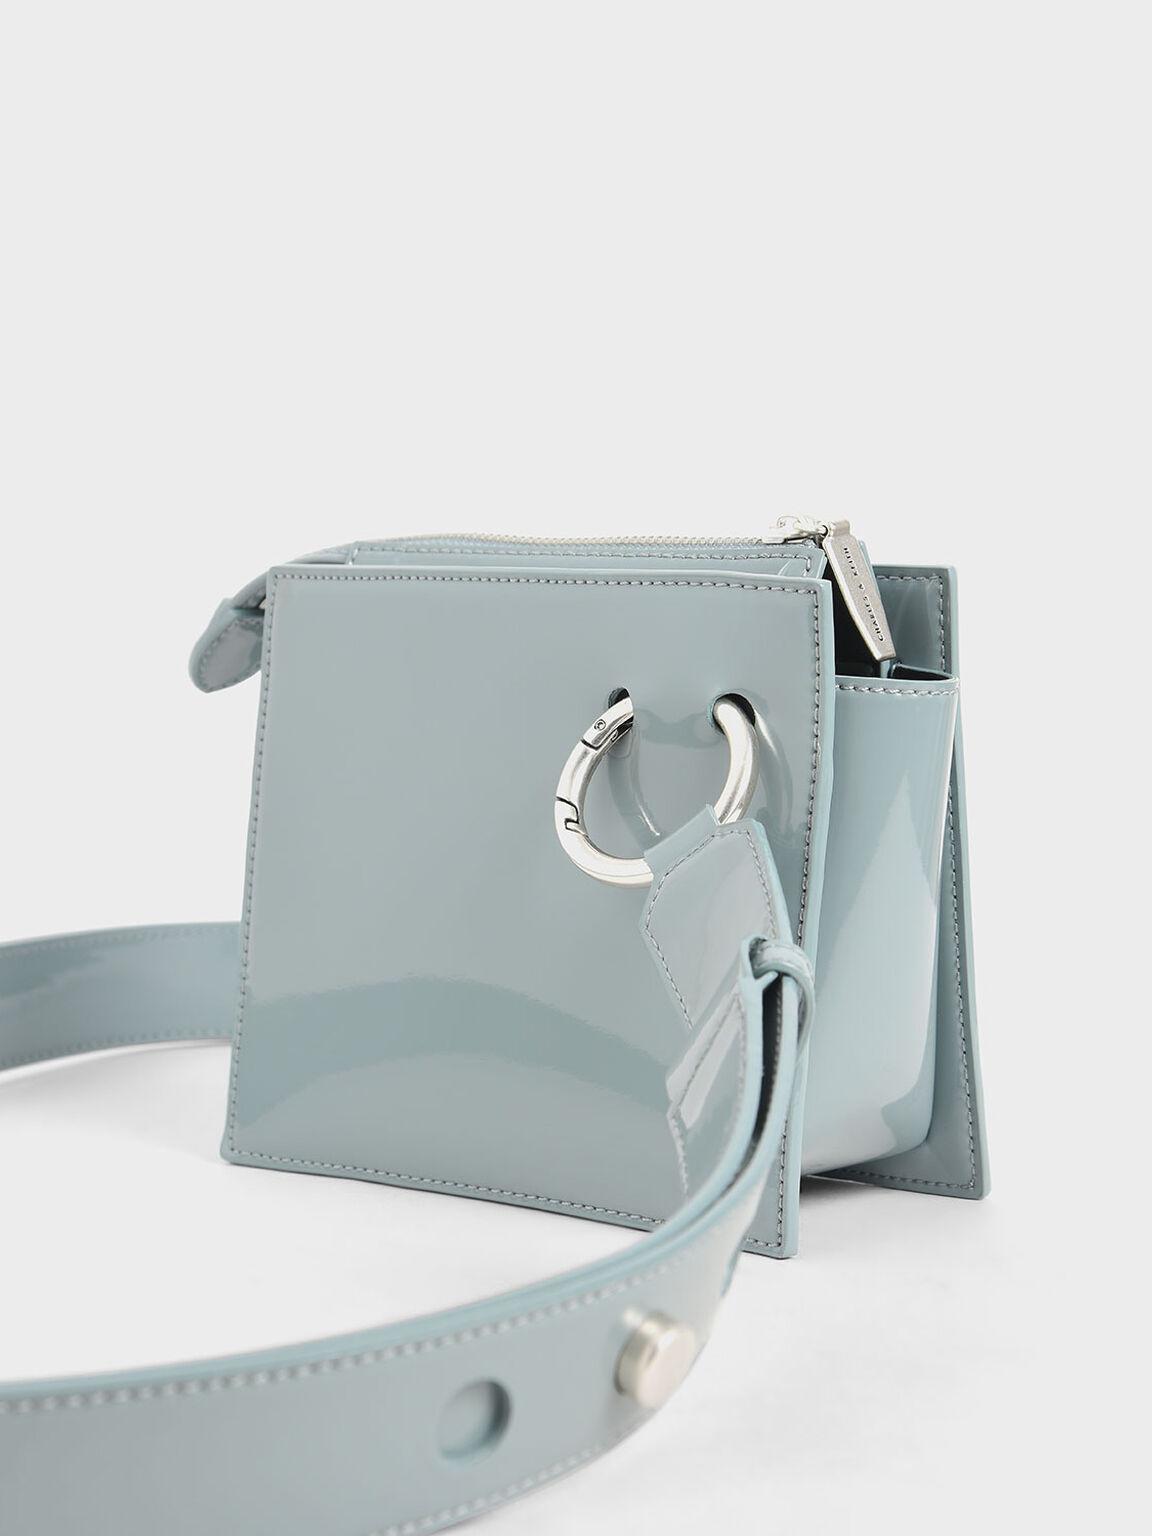 漆面拉鍊式斜背包, 岩藍色, hi-res